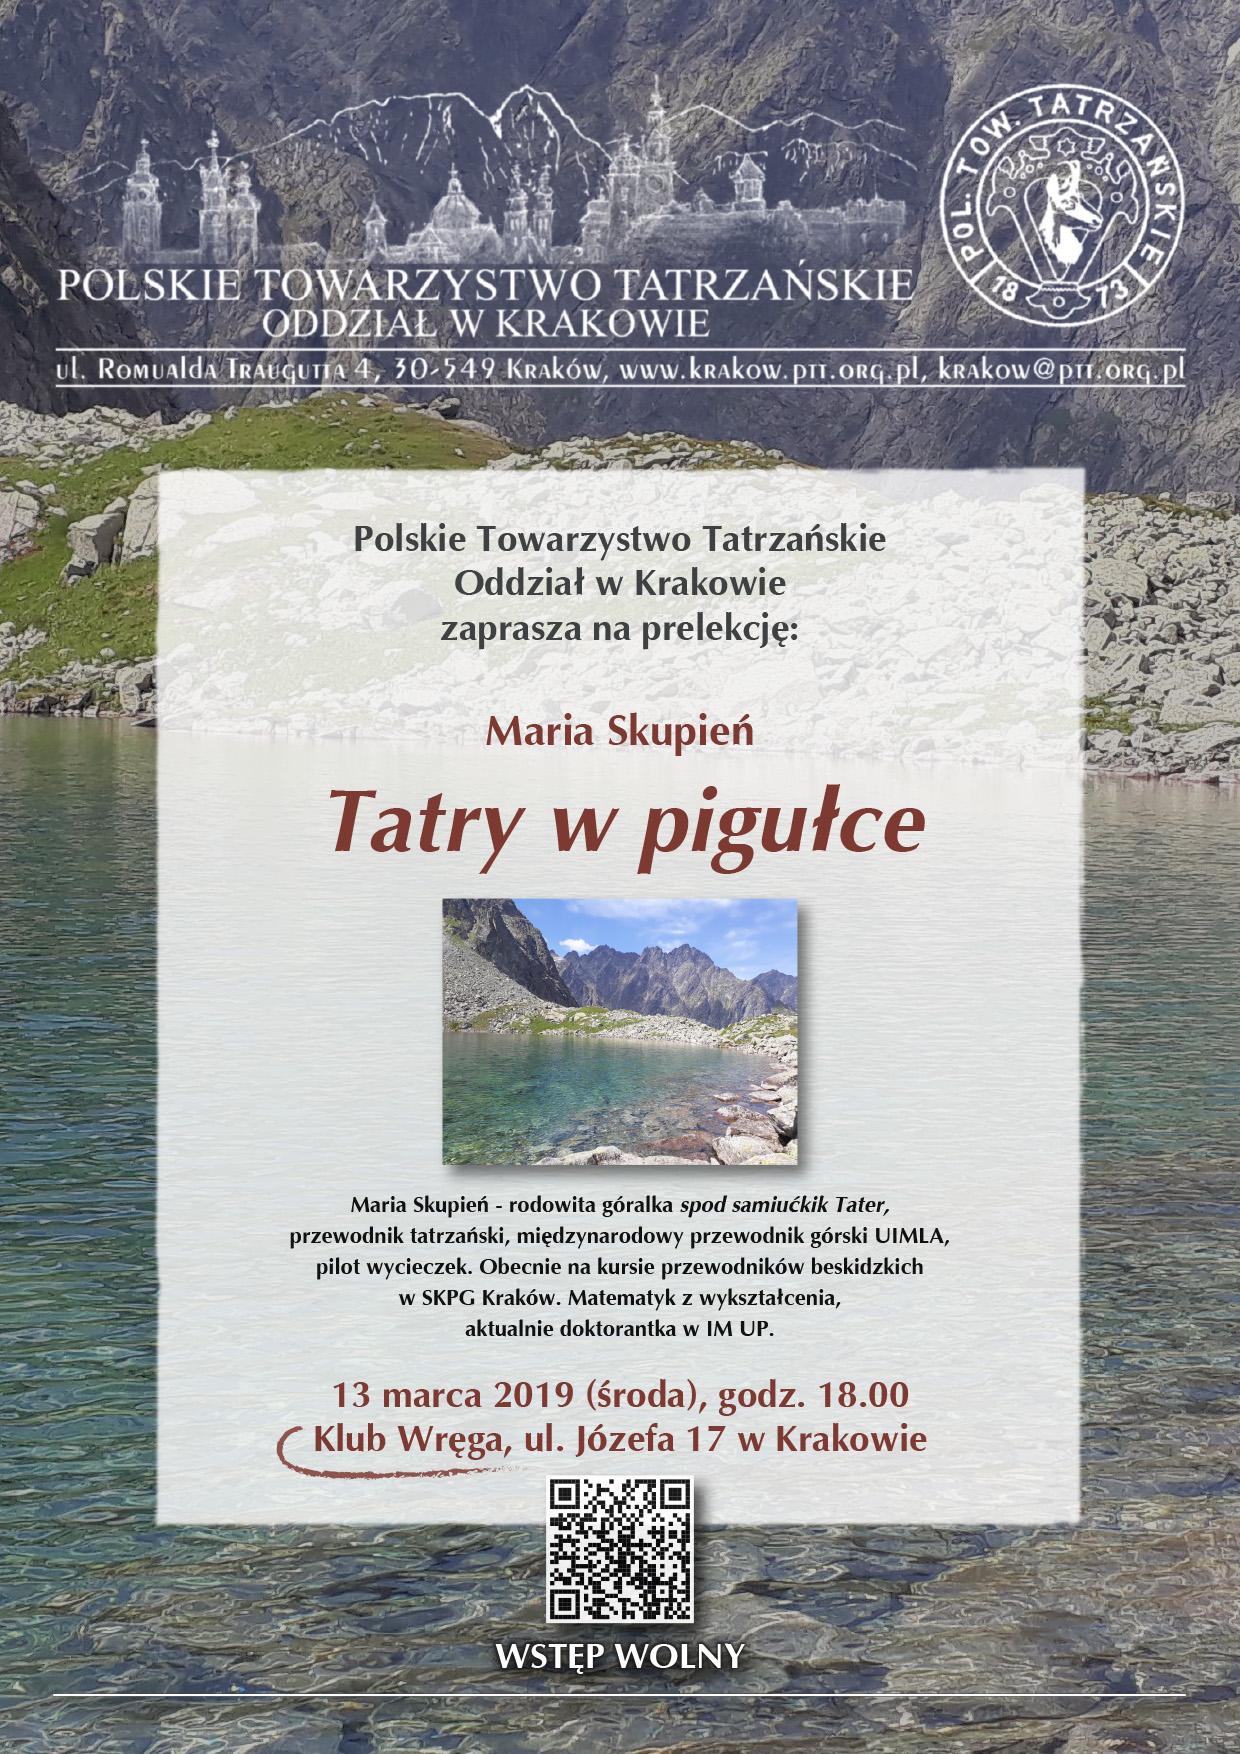 KPT im. M. Sieczki w Krakowie